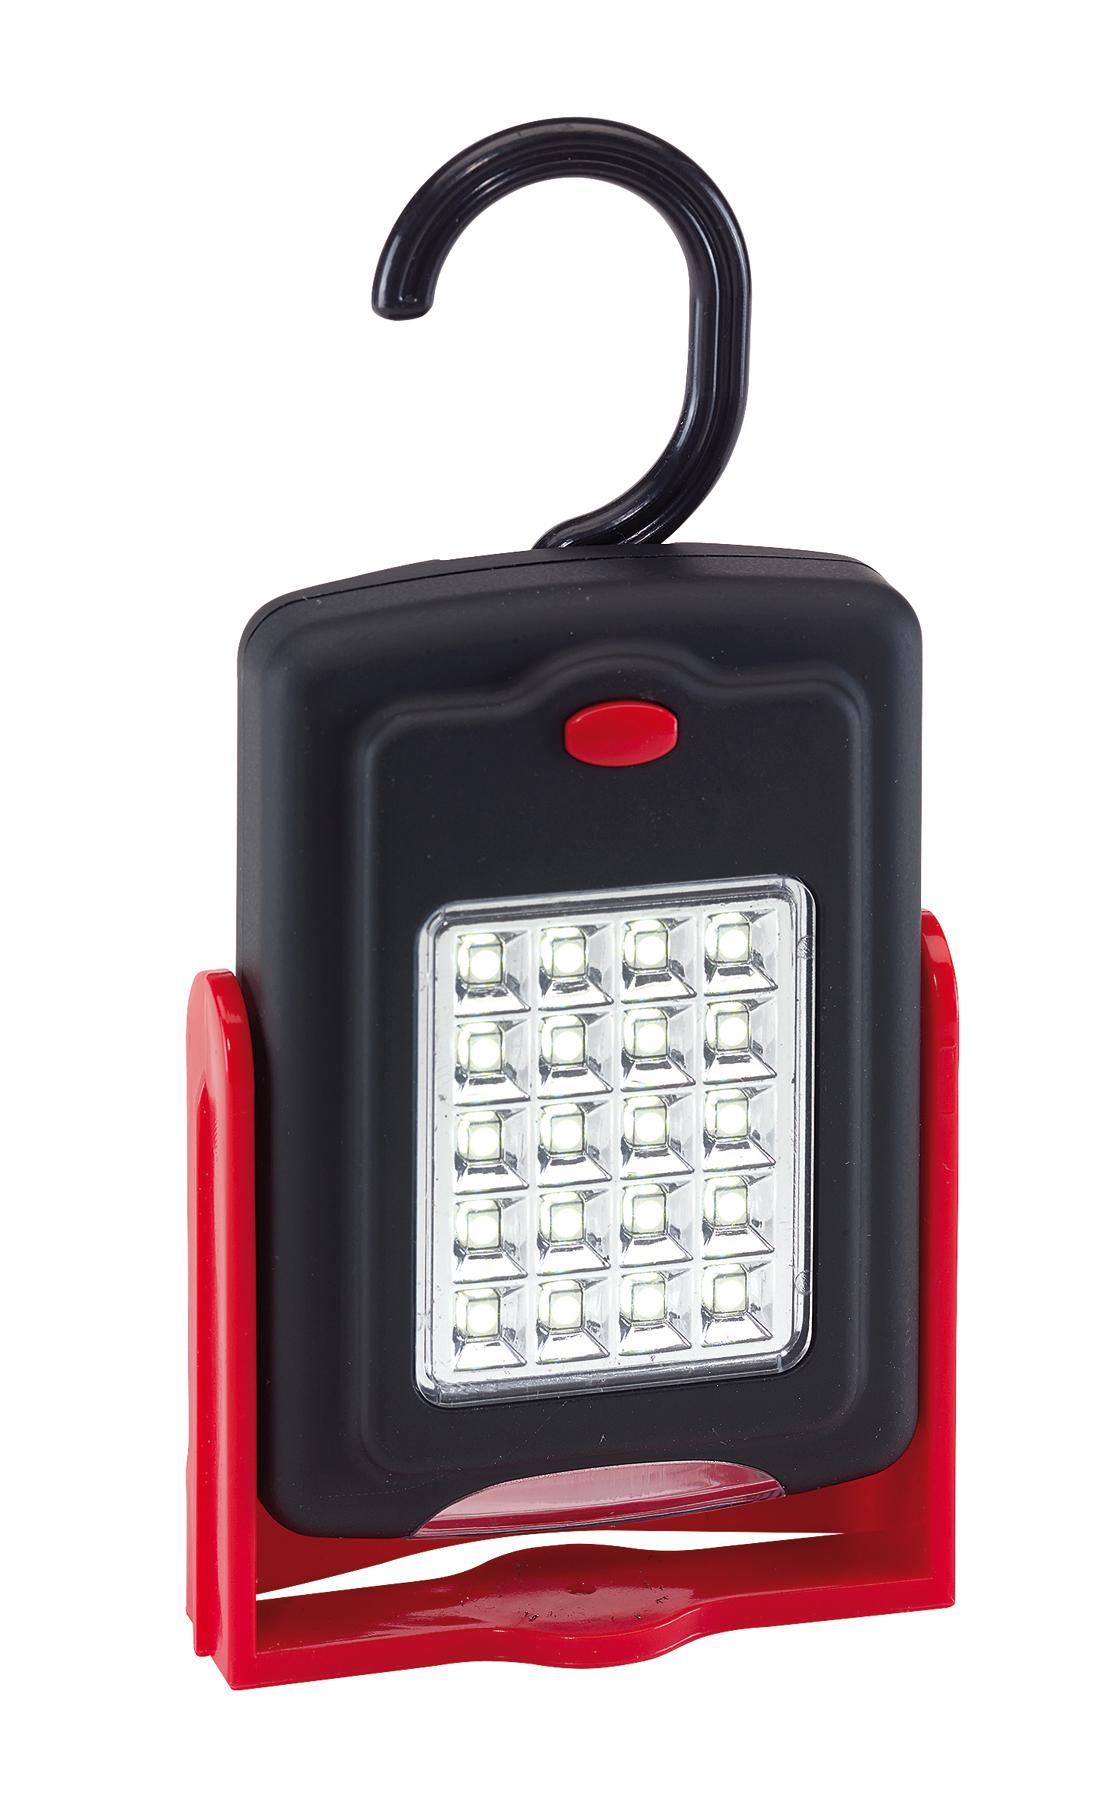 Robocza lampa WORKSHOP, czarny, czerwony